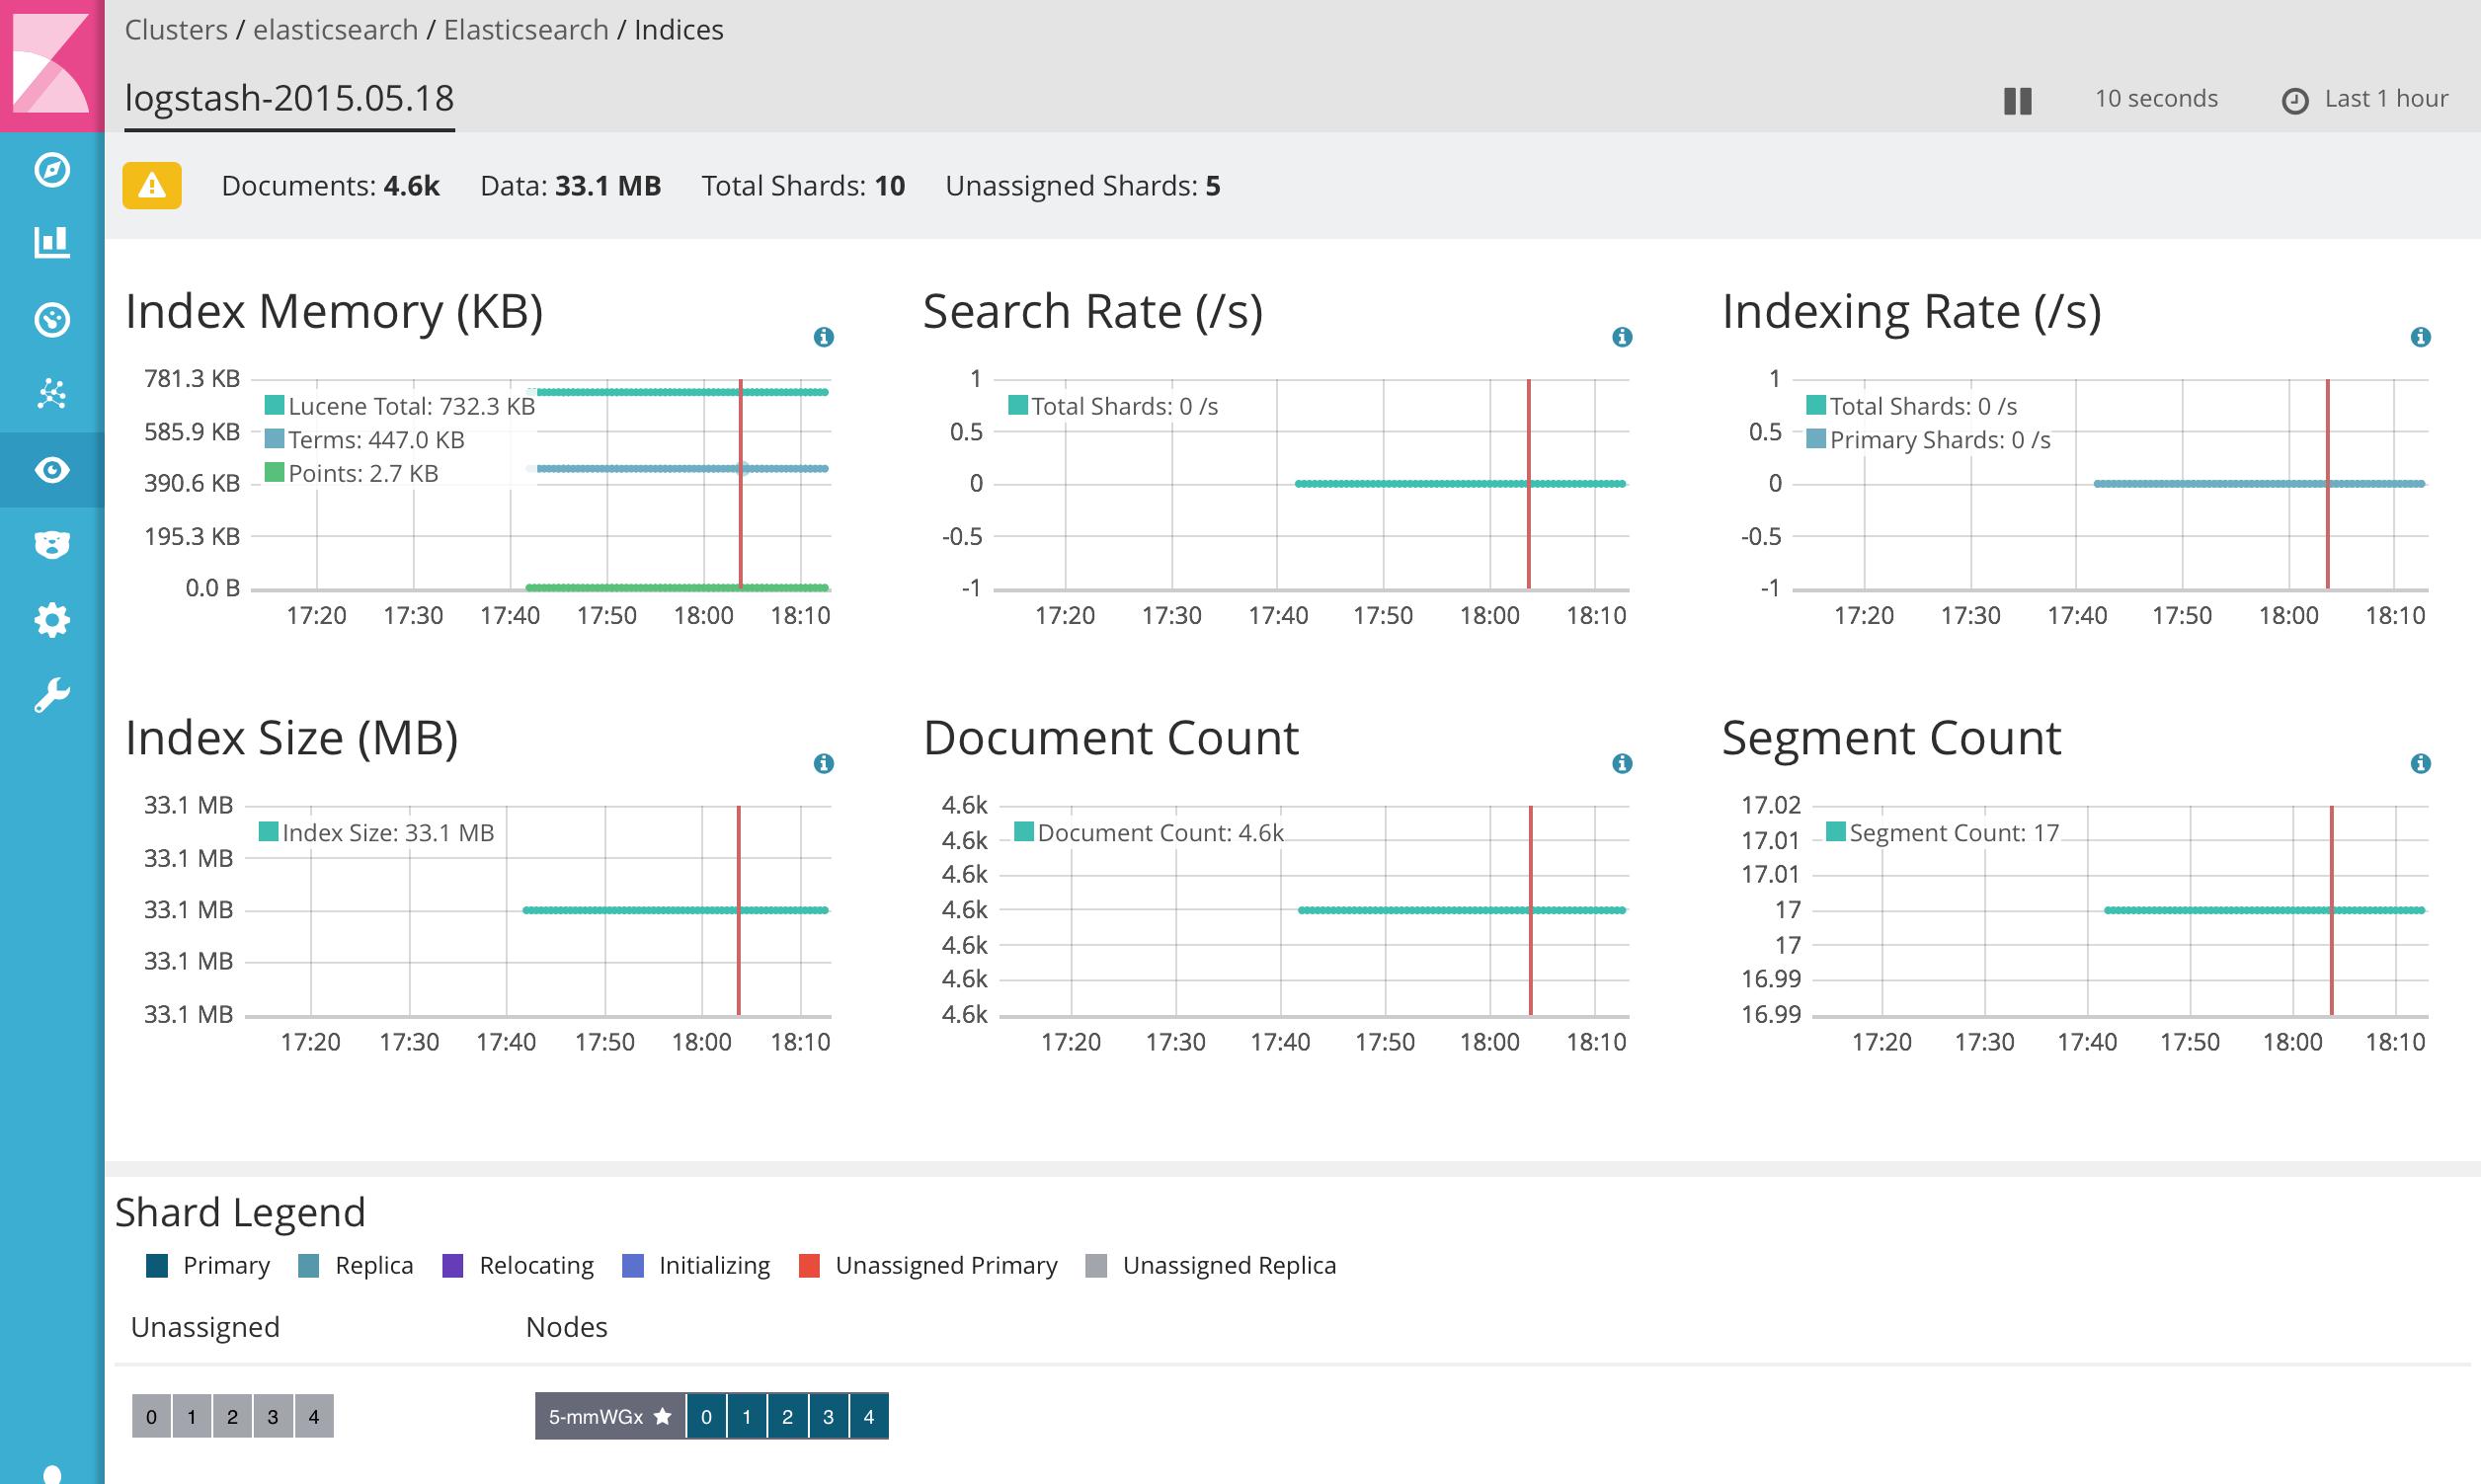 Monitoring_-_elasticsearch_-_Elasticsearch_-_Indices_-_logstash-2015_05_18